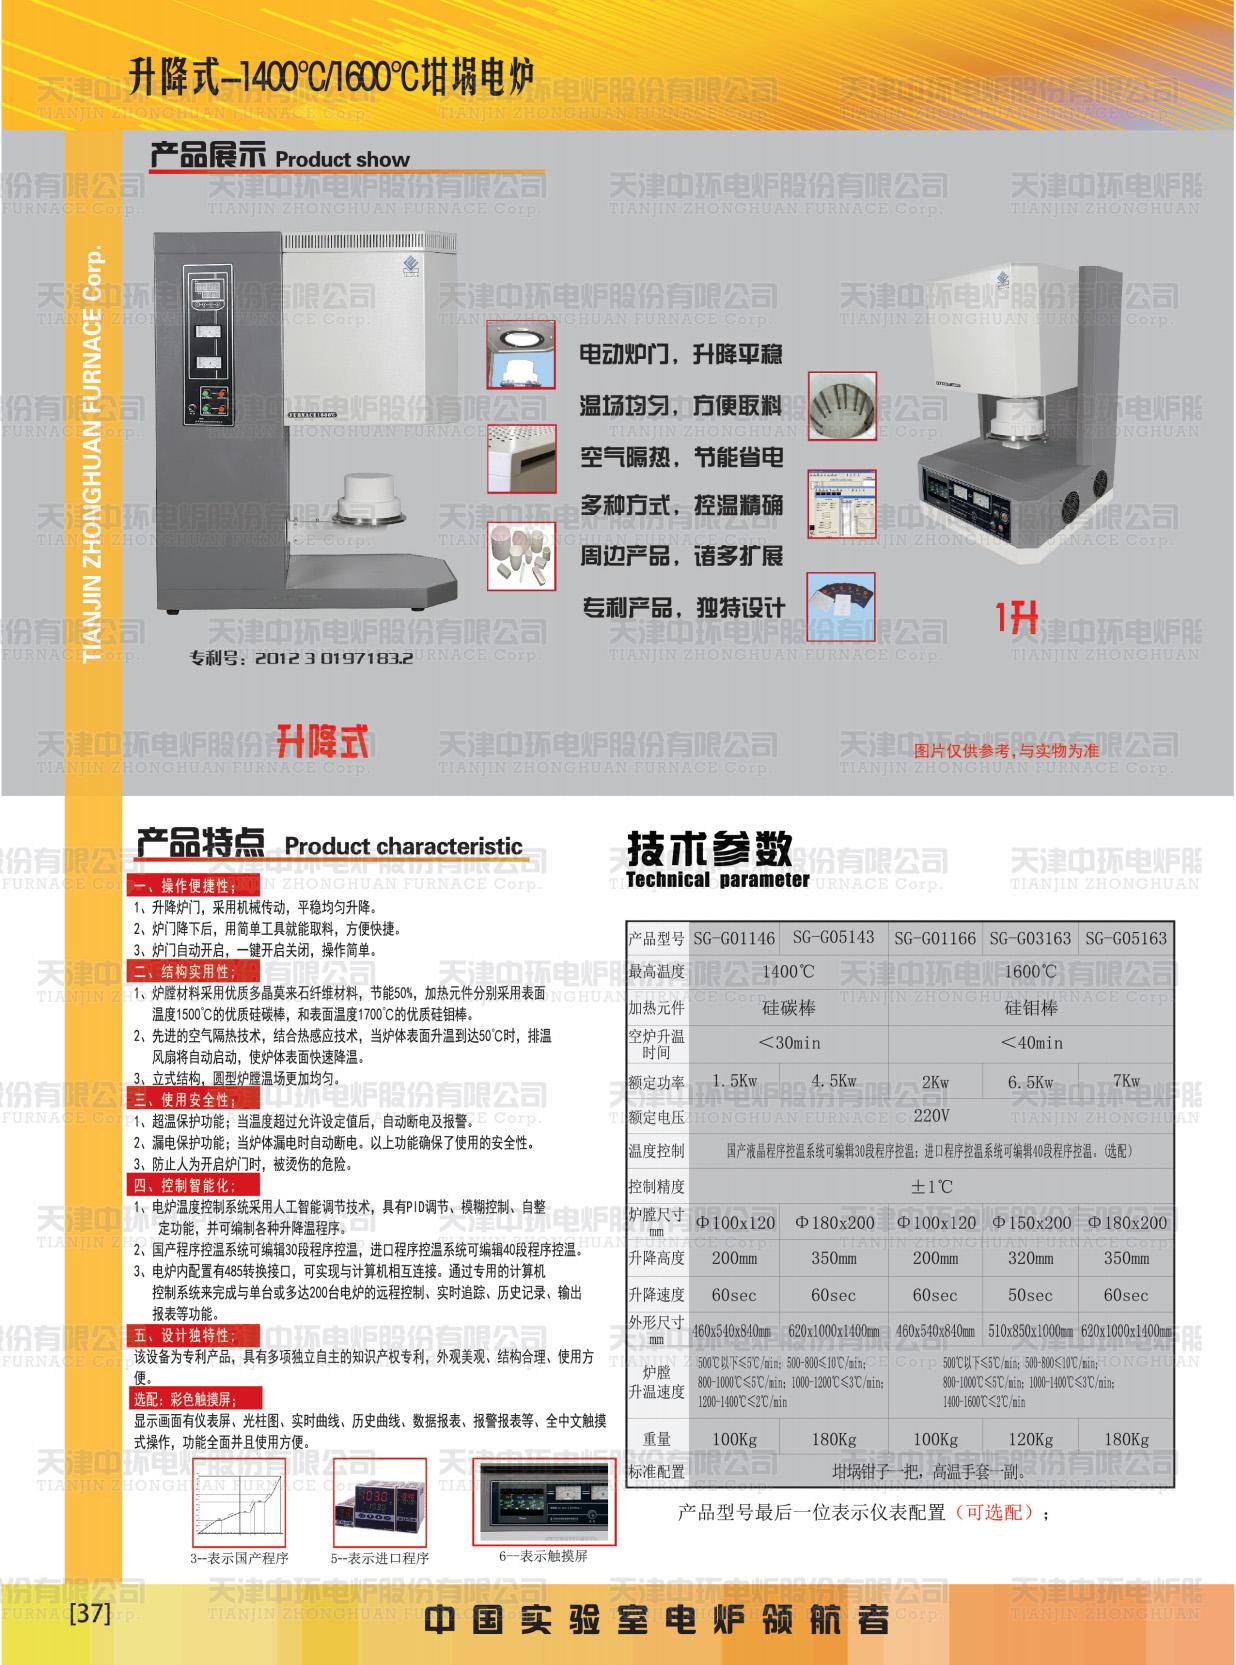 升降式坩埚电炉1400/1600°